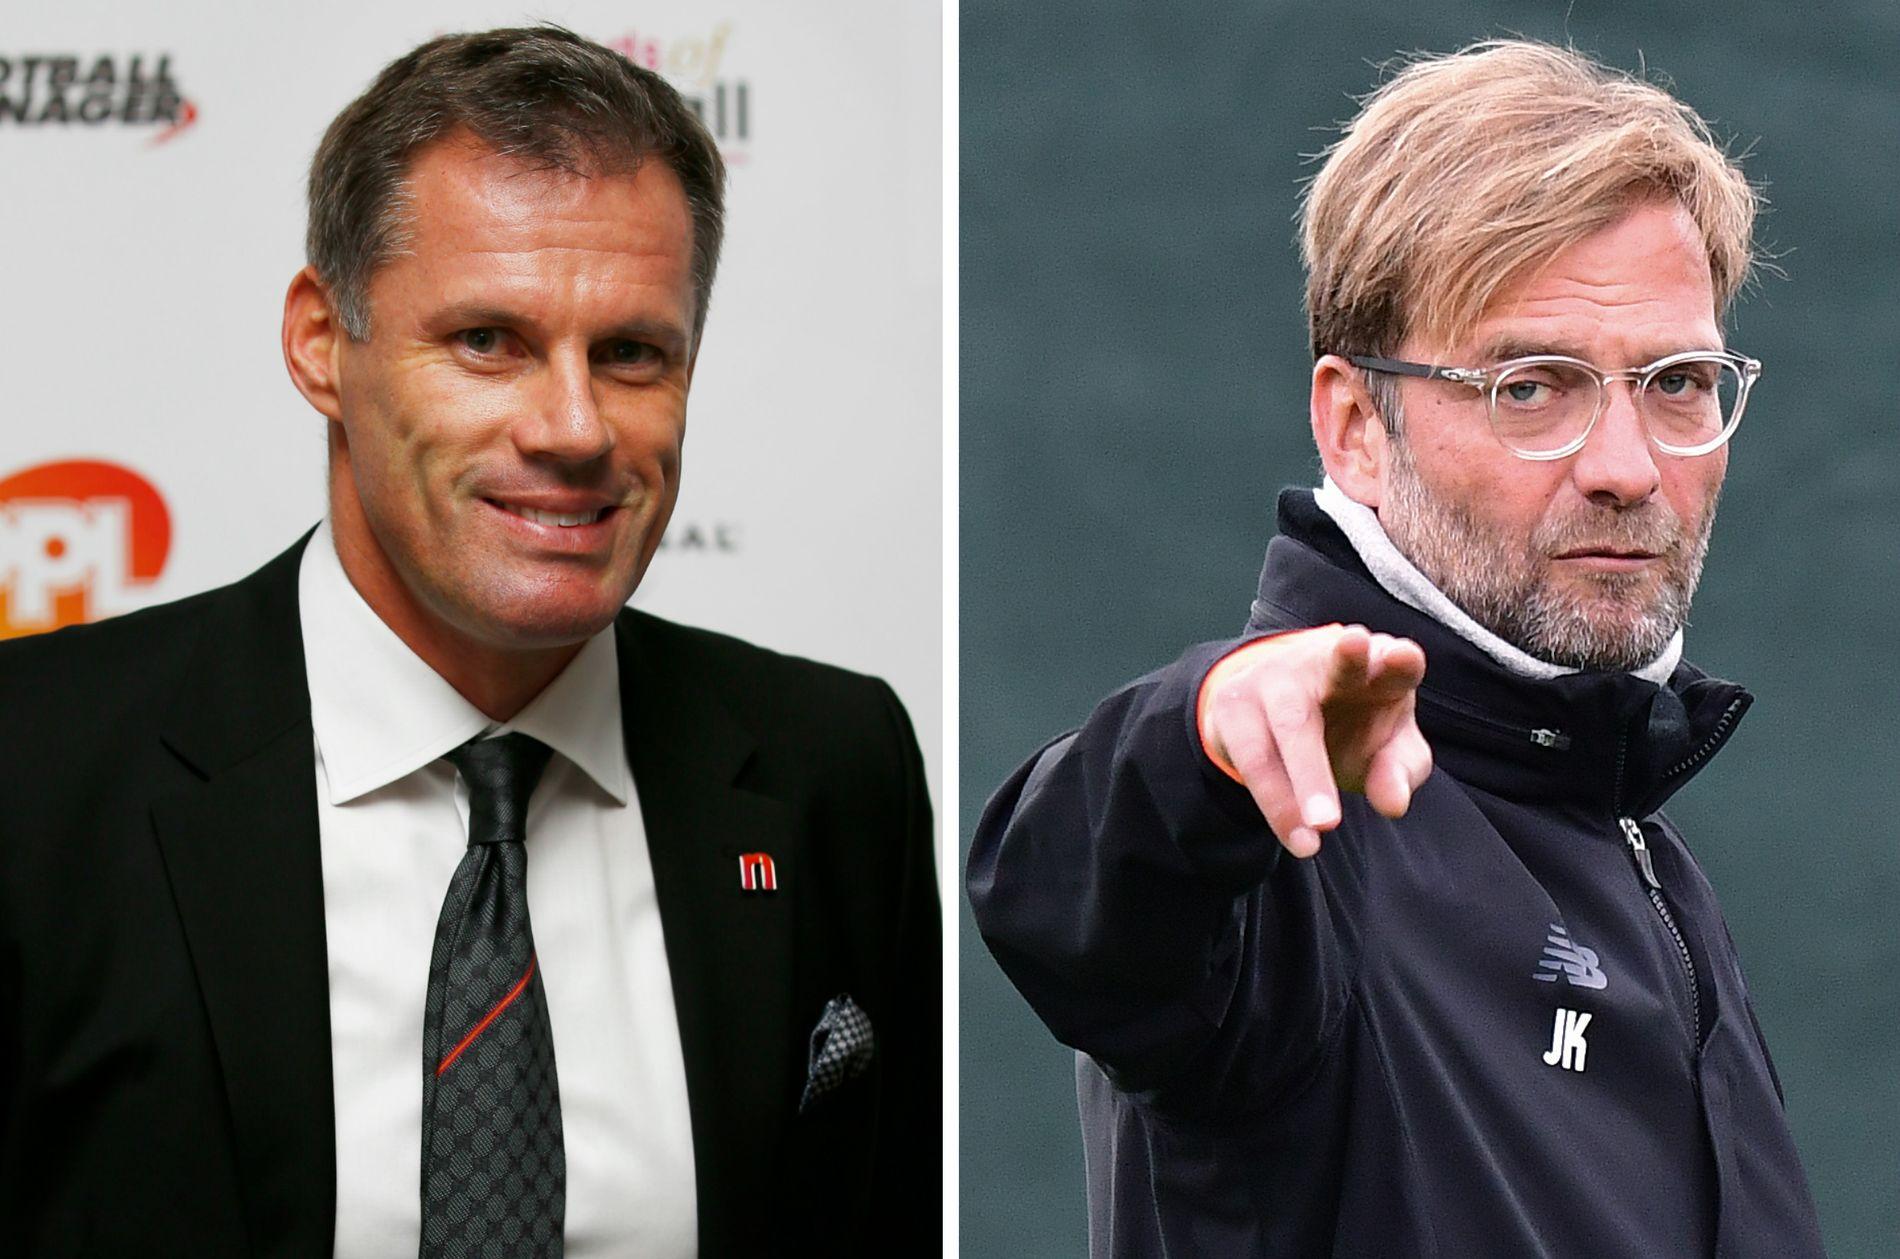 SKEPTISK: Klubblegenden Jamie Carragher (t.v.) roser jobben til Jürgen Klopp i Liverpool, men tror laget er sjanseløst i Champions League.